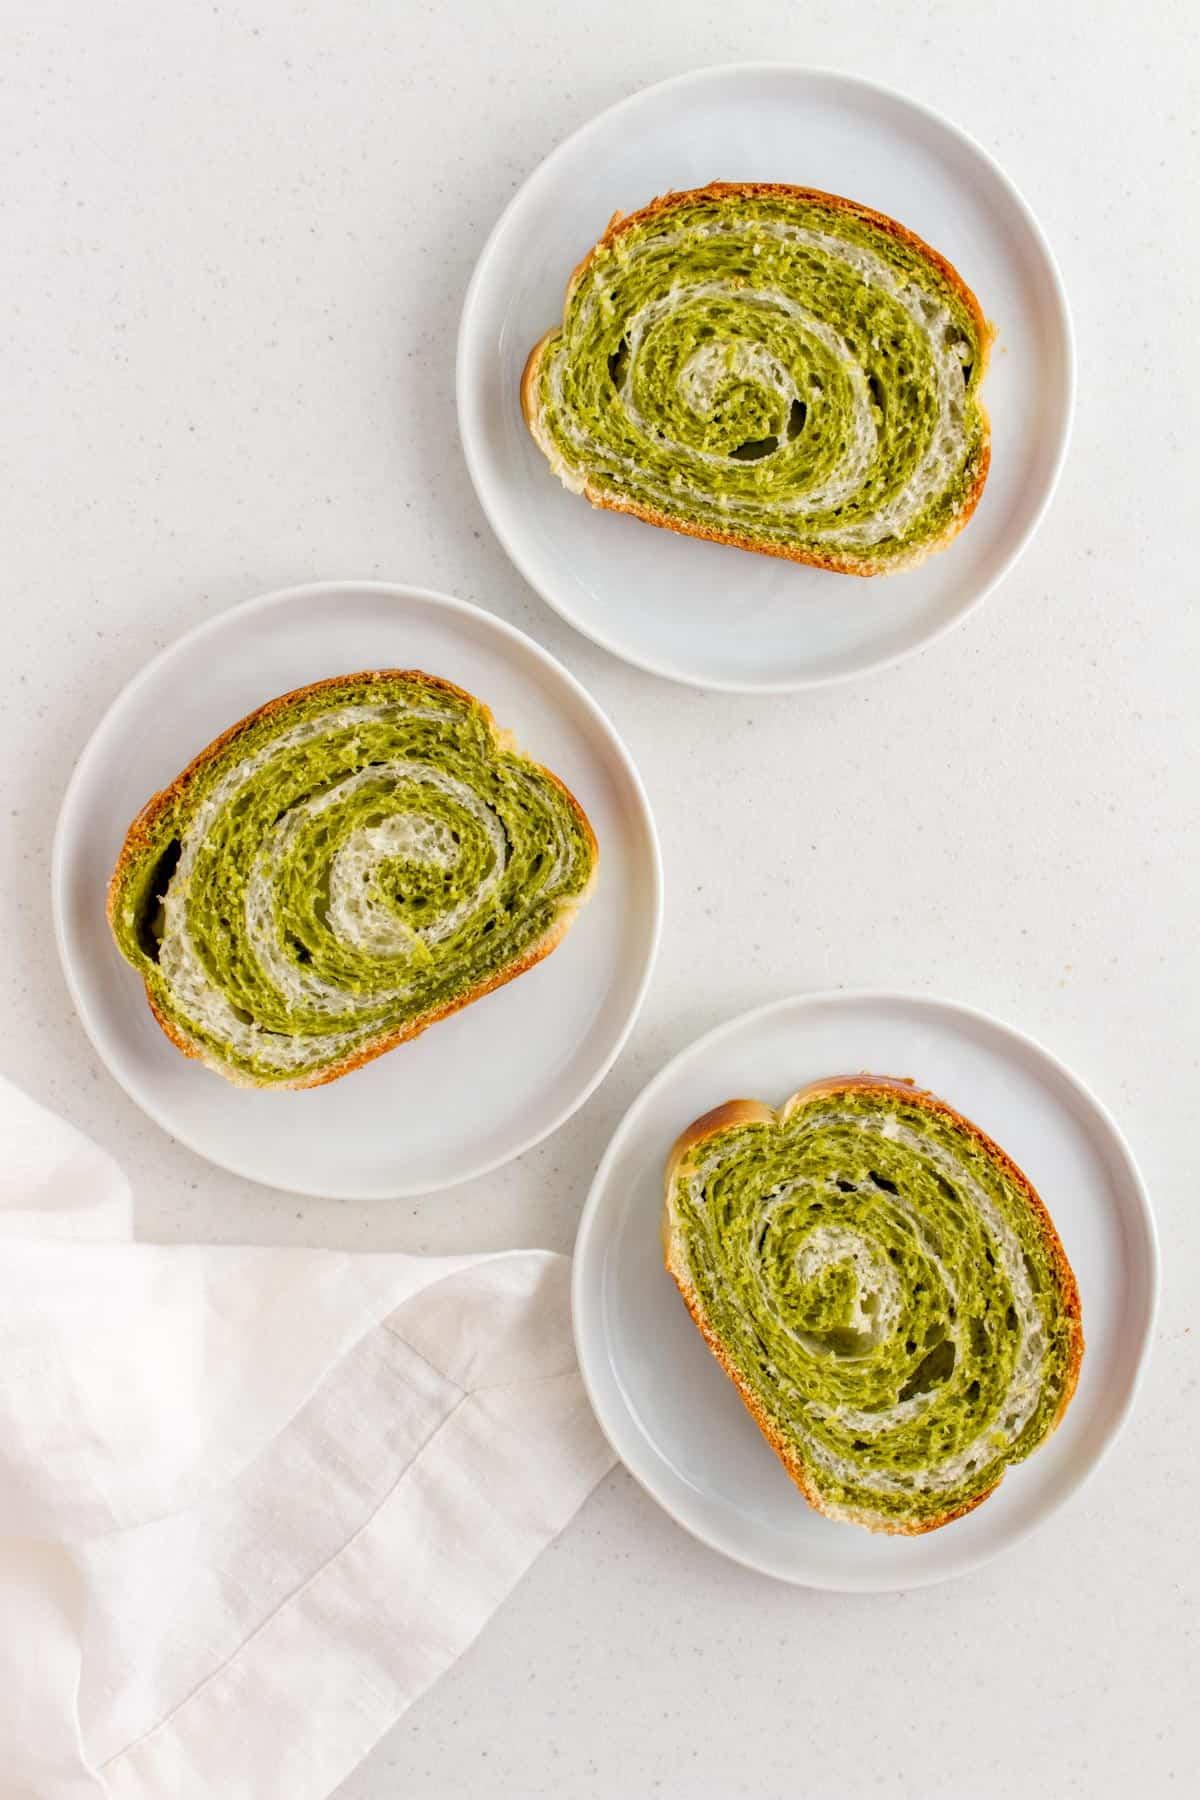 Three slices of matcha bread on mini plates.